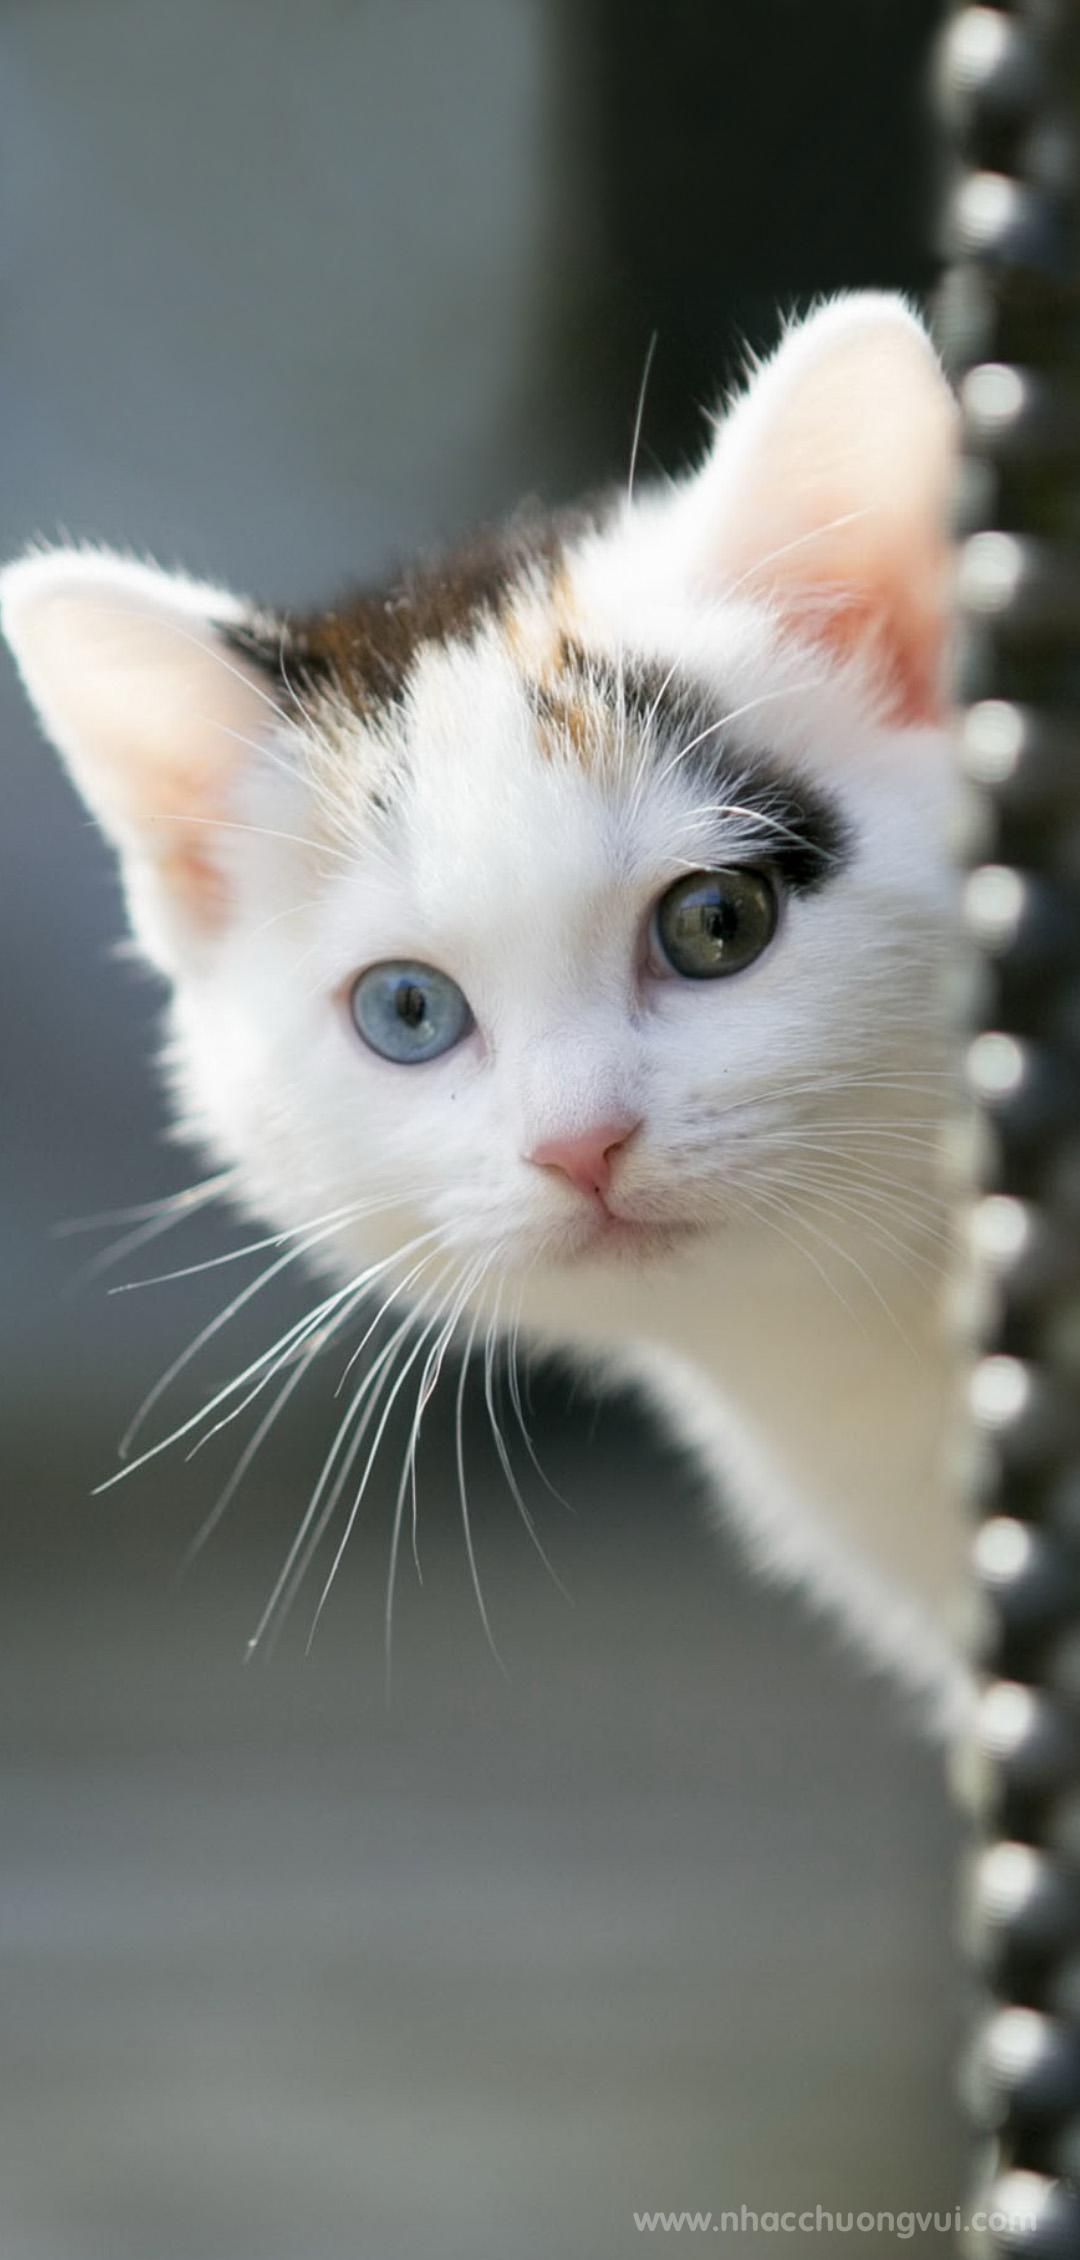 Hình nền mèo cho điện thoại dễ thương nhất 16